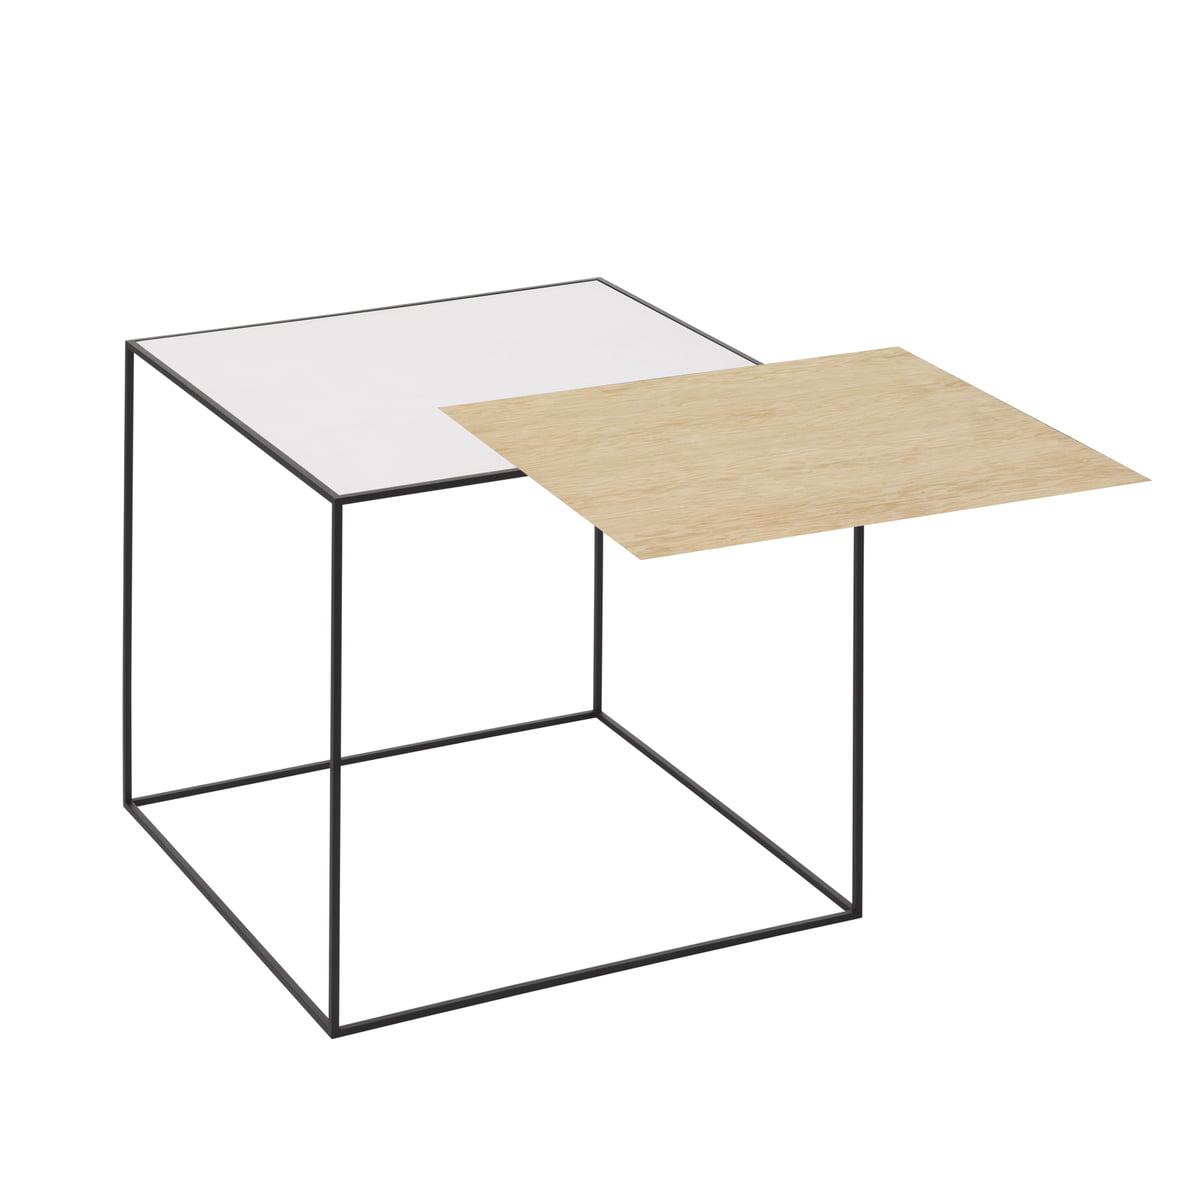 twin beistelltisch von by lassen im shop. Black Bedroom Furniture Sets. Home Design Ideas